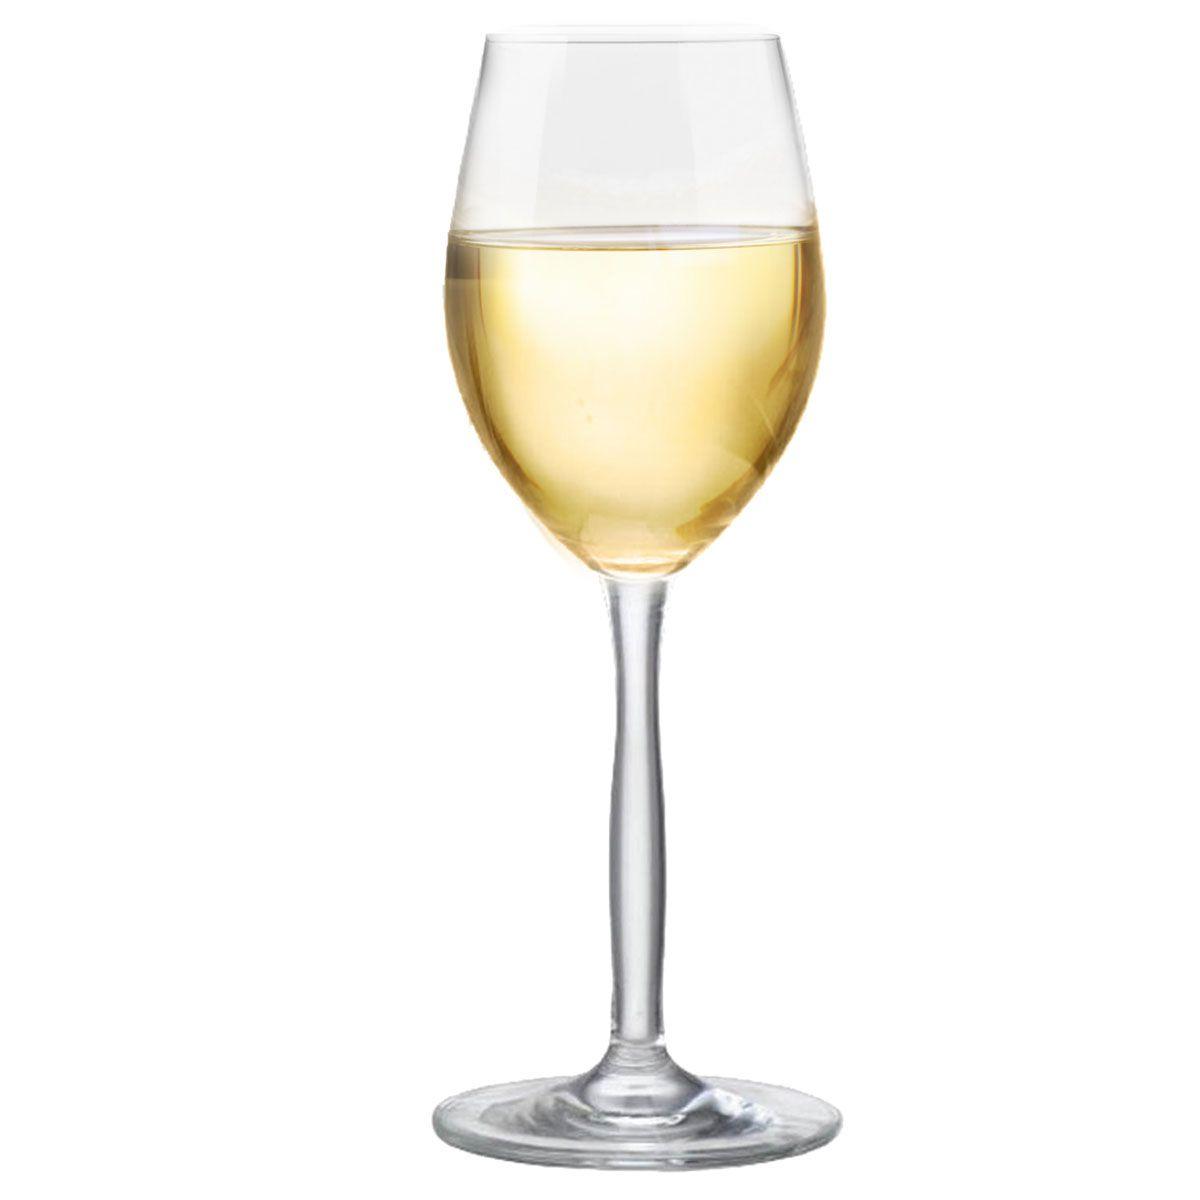 Taça de Vinho Branco Bordeaux de Cristal 210ml